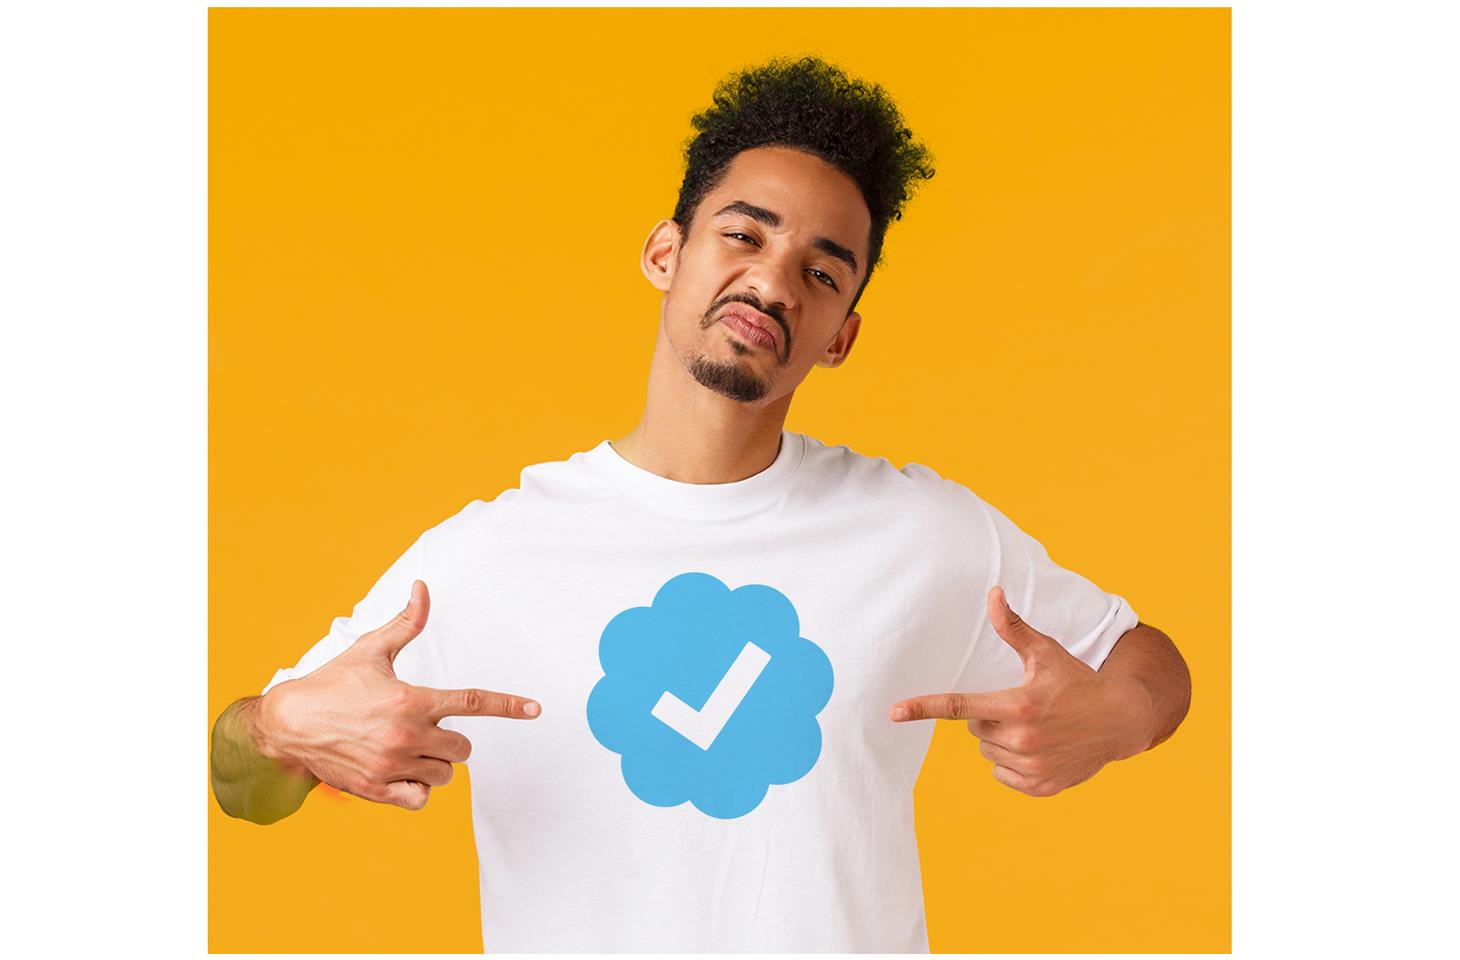 Comment lutter contre les faux comptes de marques sur Twitter | Blog officiel de Kaspersky